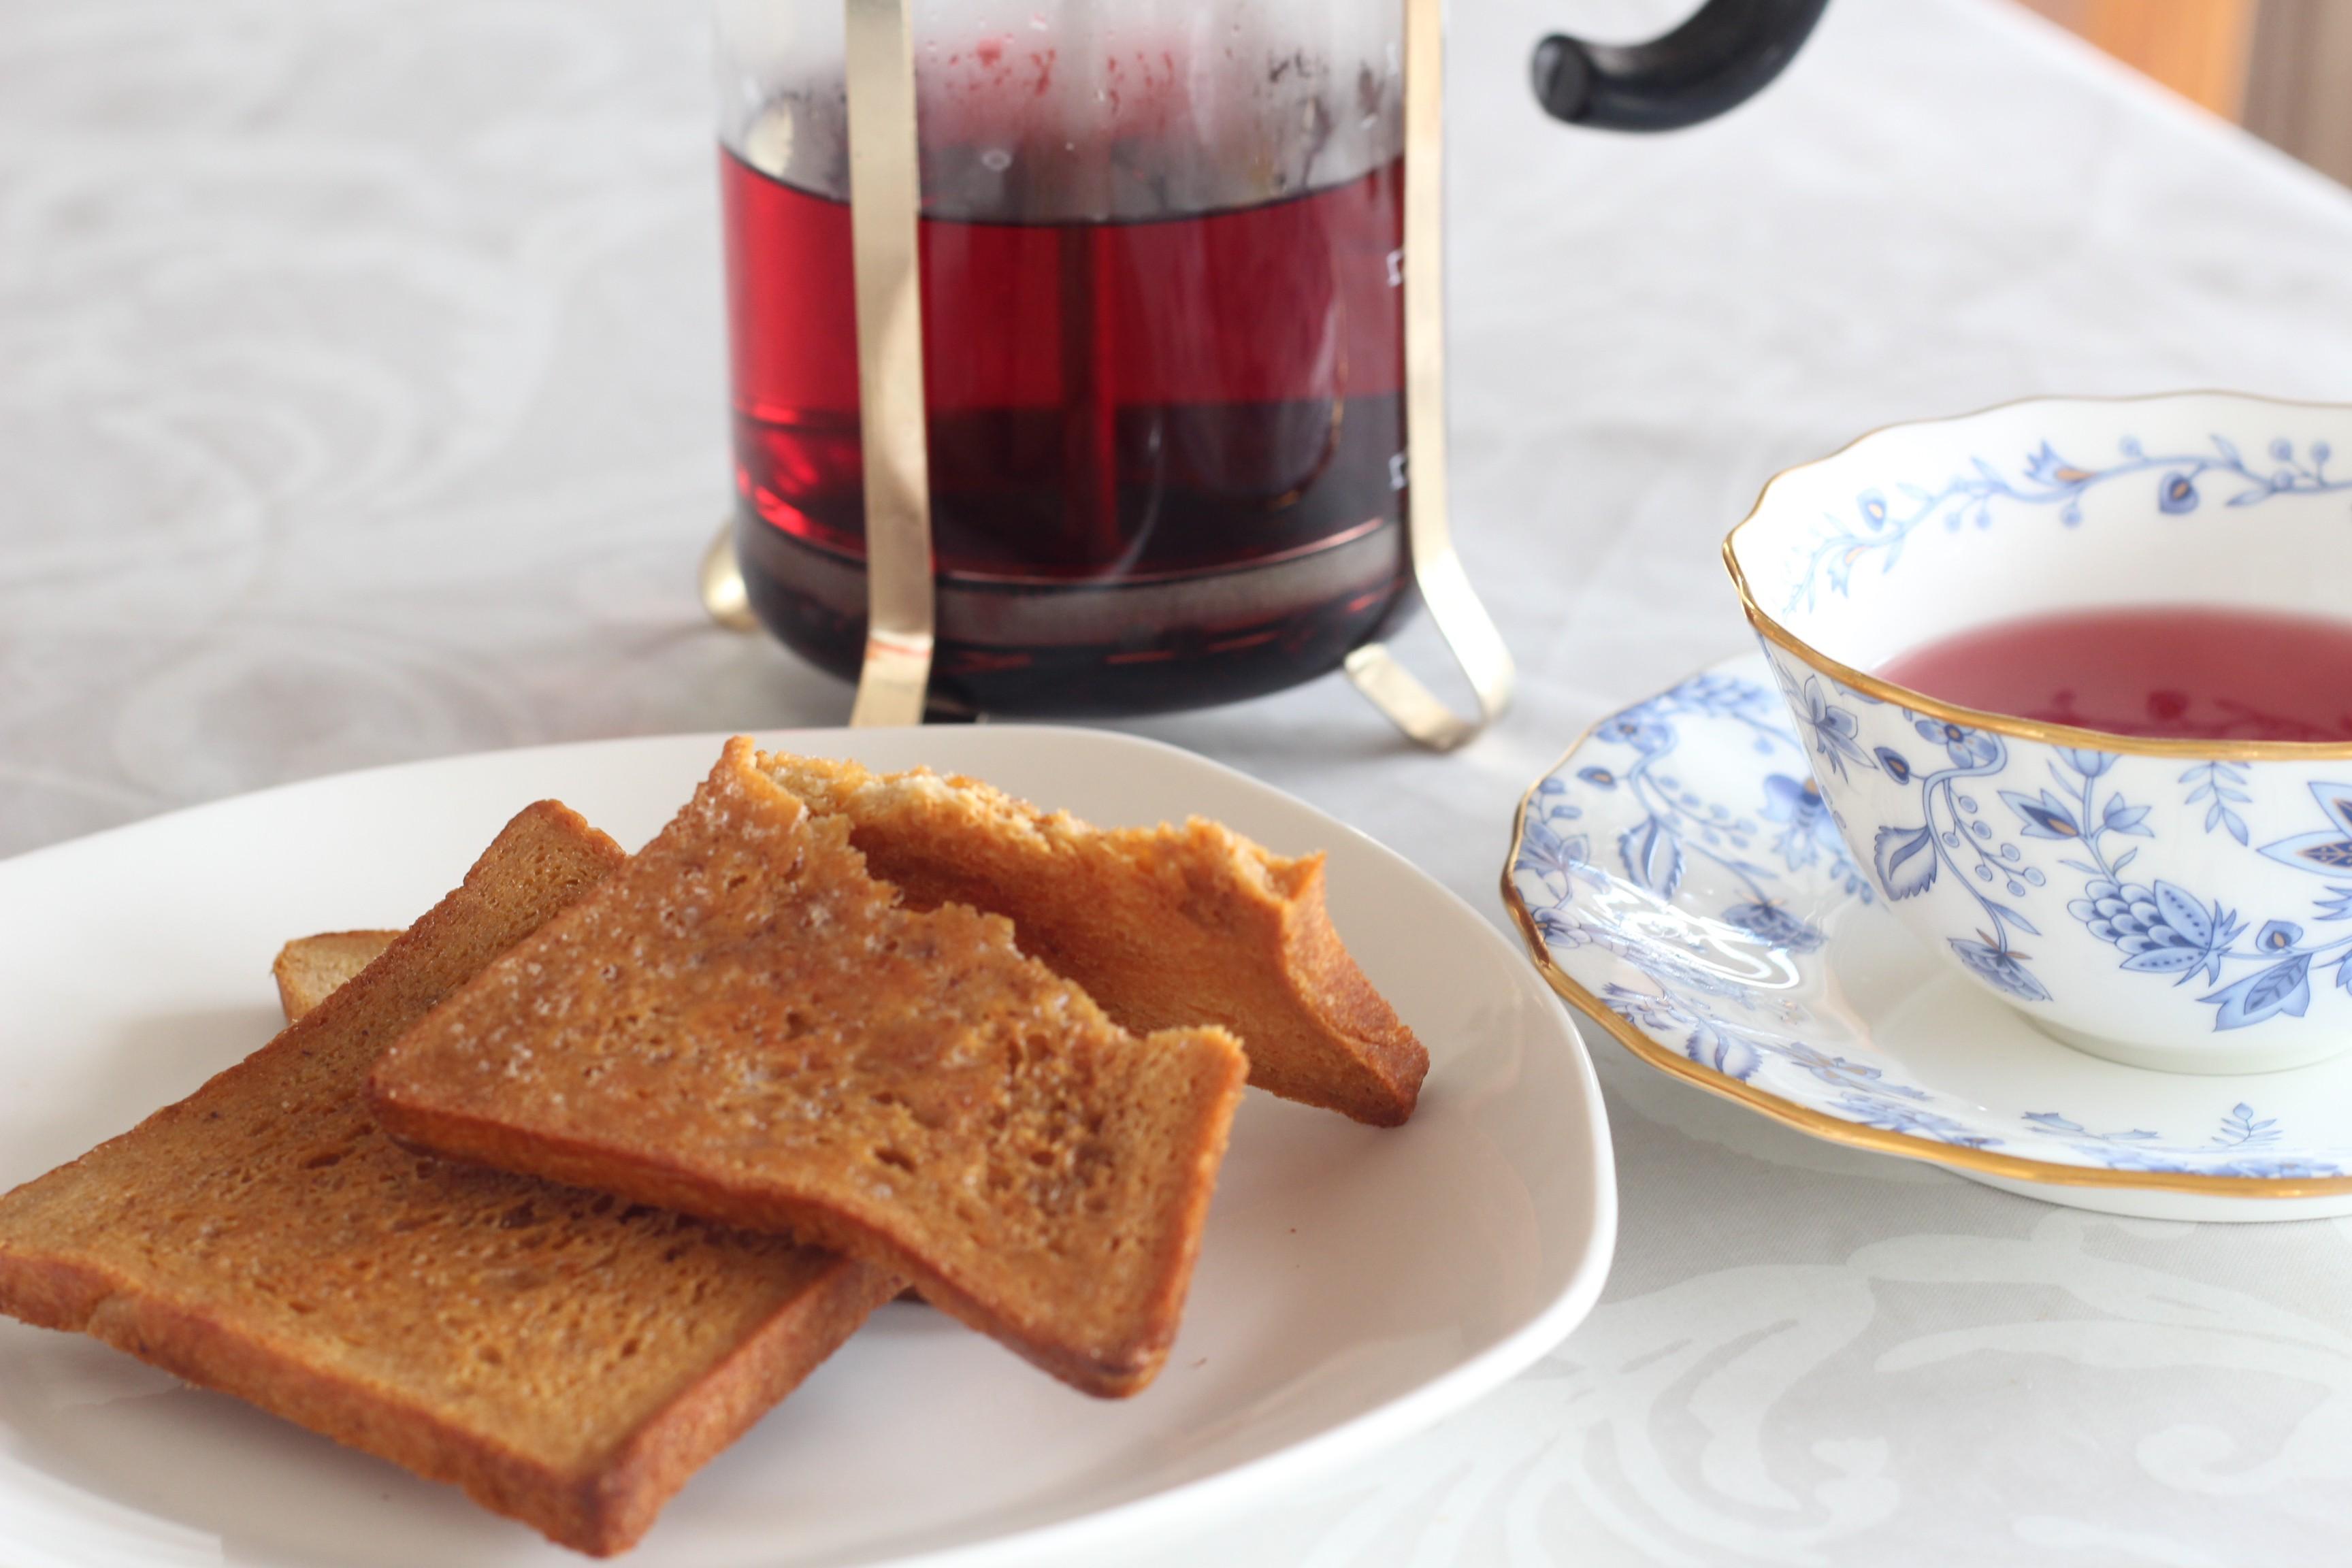 京都江部粉糖質制限角食でラスク作りおやつに。a-ta-sante糖質制限パン料理教室、阿倍野区西田辺。